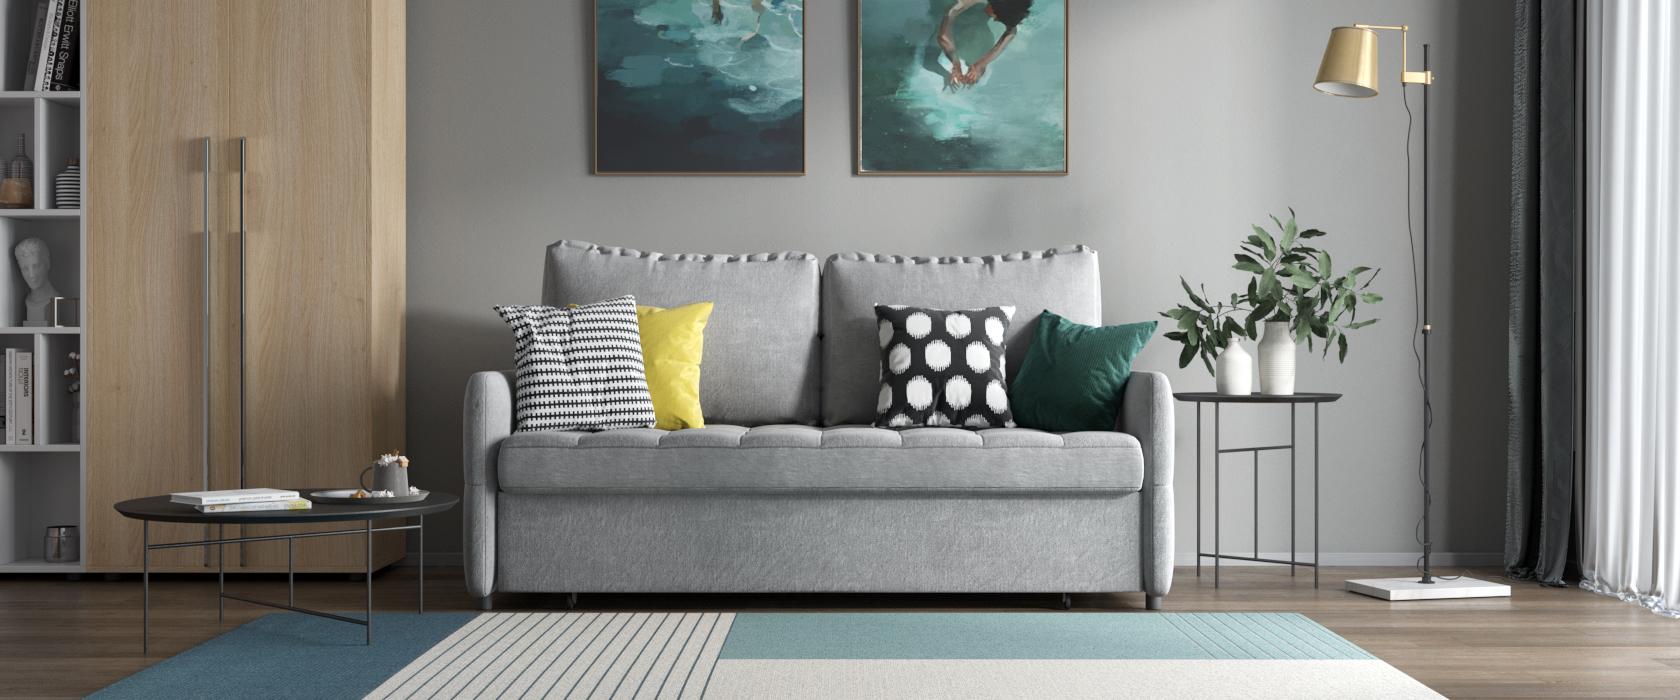 Тримісний диван Gracia - Фото 2 - Pufetto